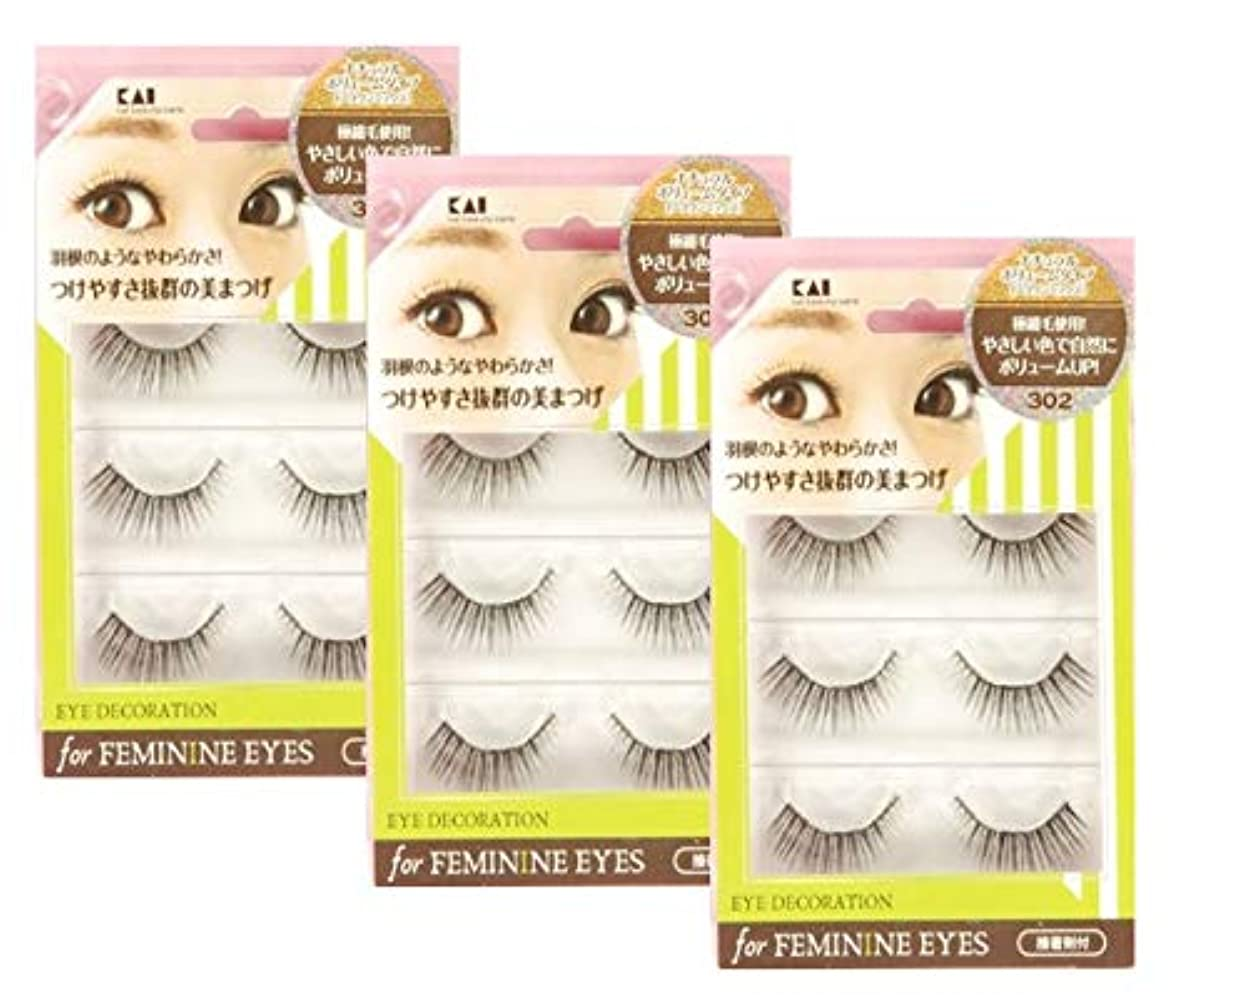 【まとめ買い3個セット】アイデコレーション for feminine eyes 302 ナチュラルボリュームタイプ(ブラウンミックス)